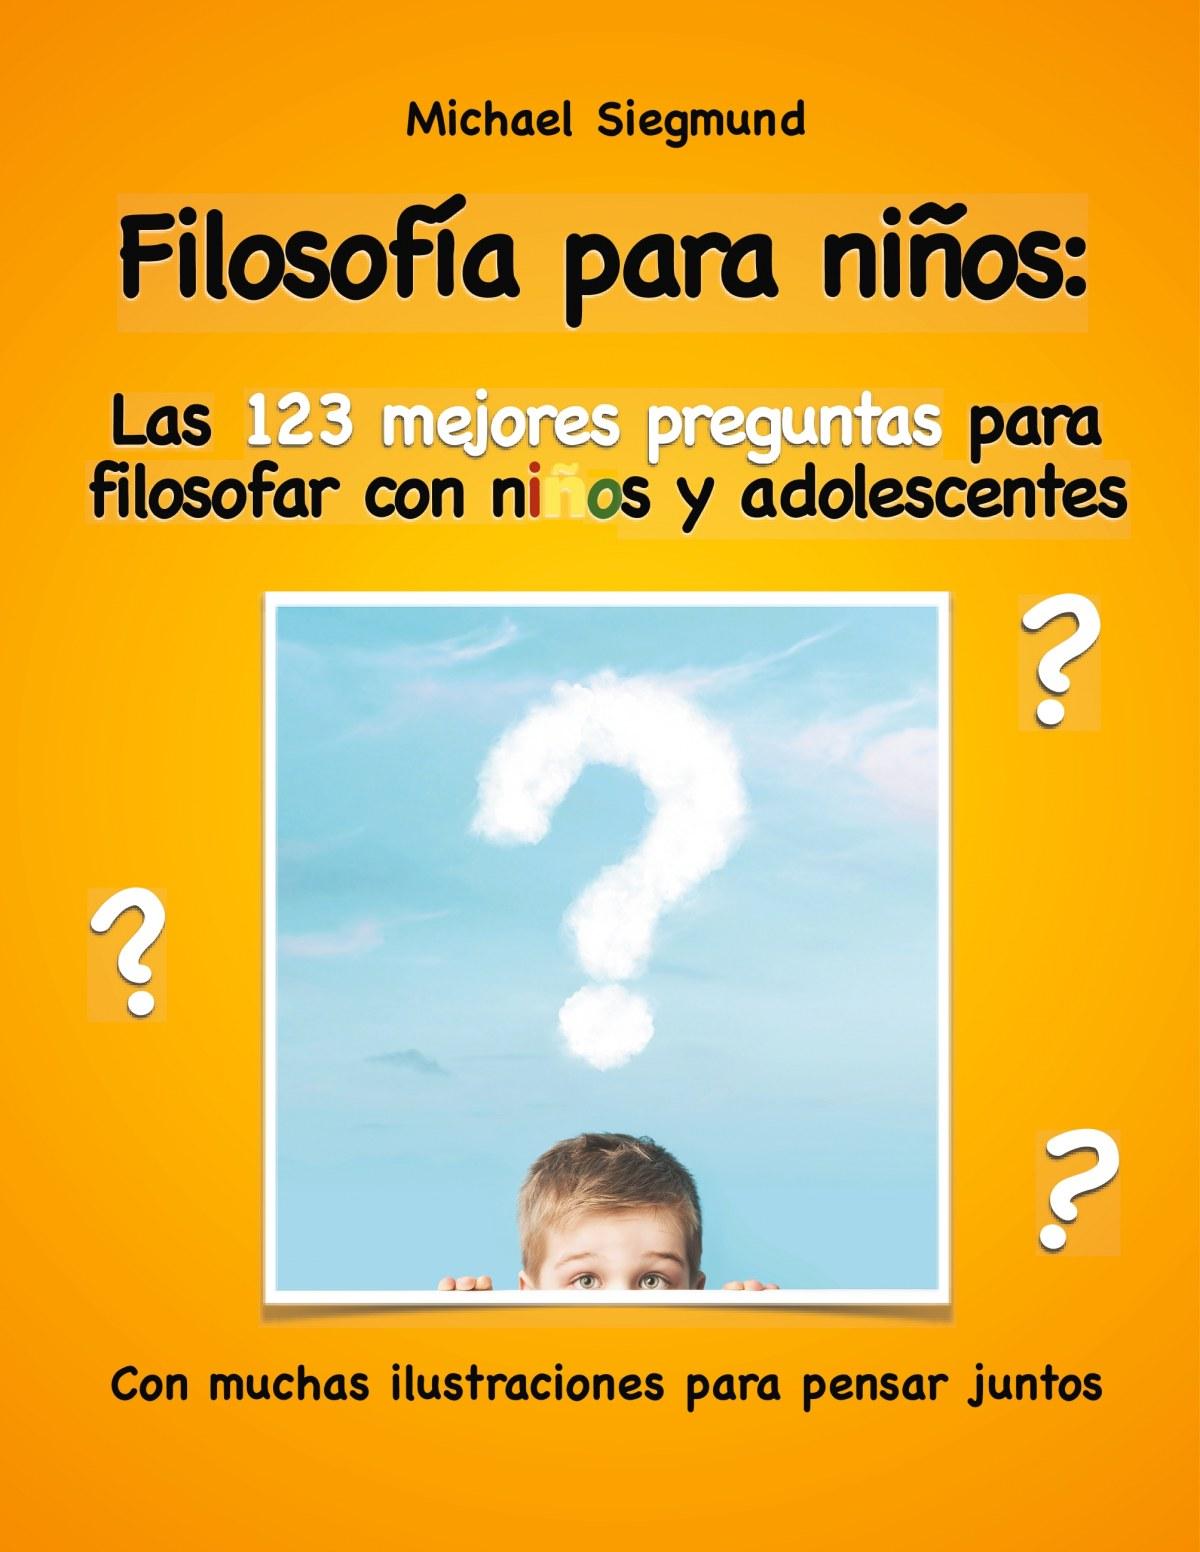 Filosofía para niños: Las 123 mejores preguntas para filosofar con niños y adolescentes